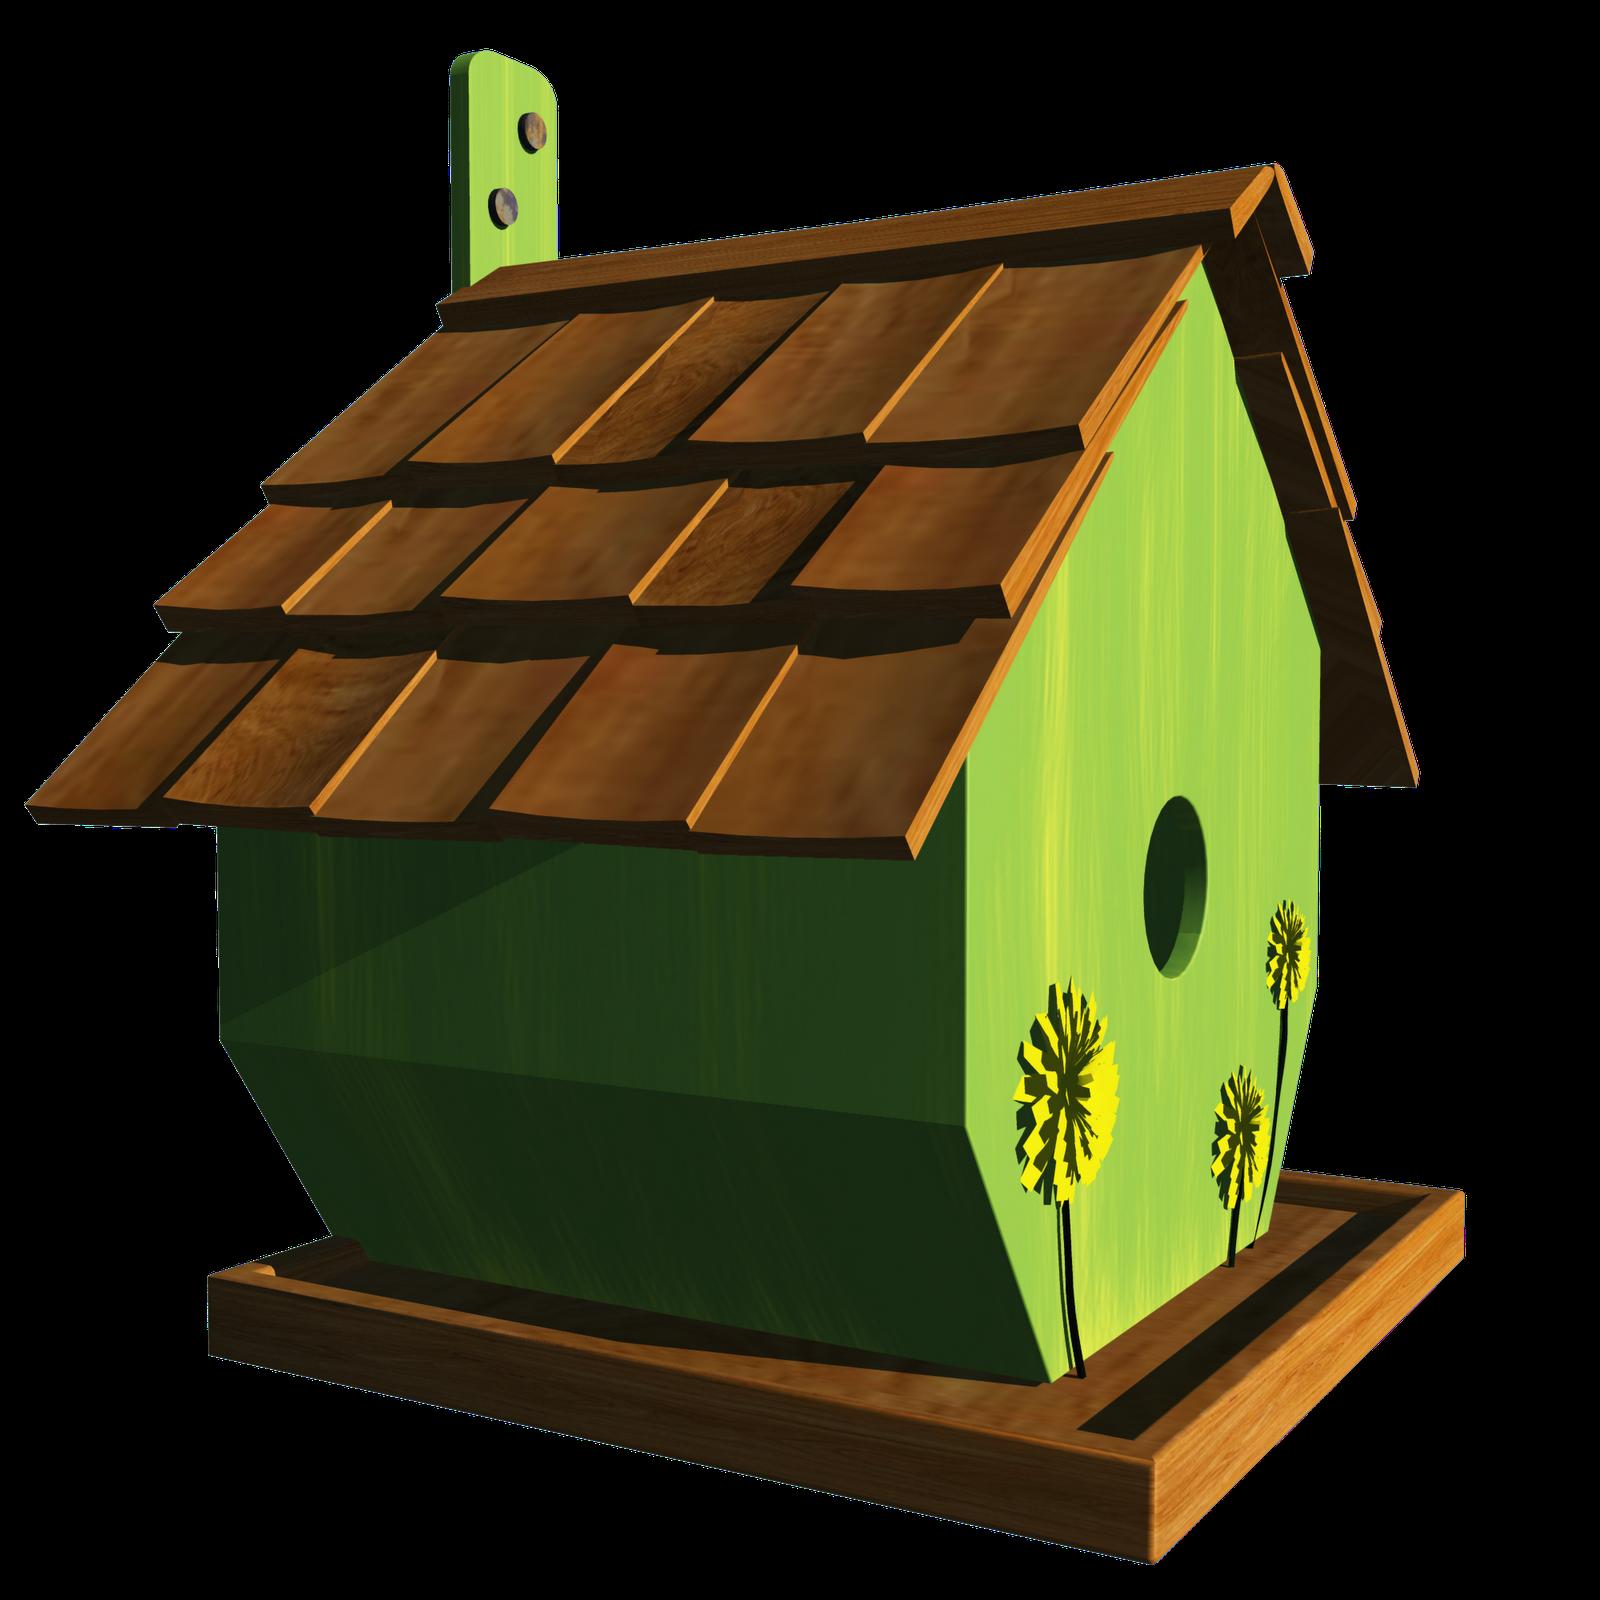 Birdhouse clip art houses. Doghouse clipart bird house